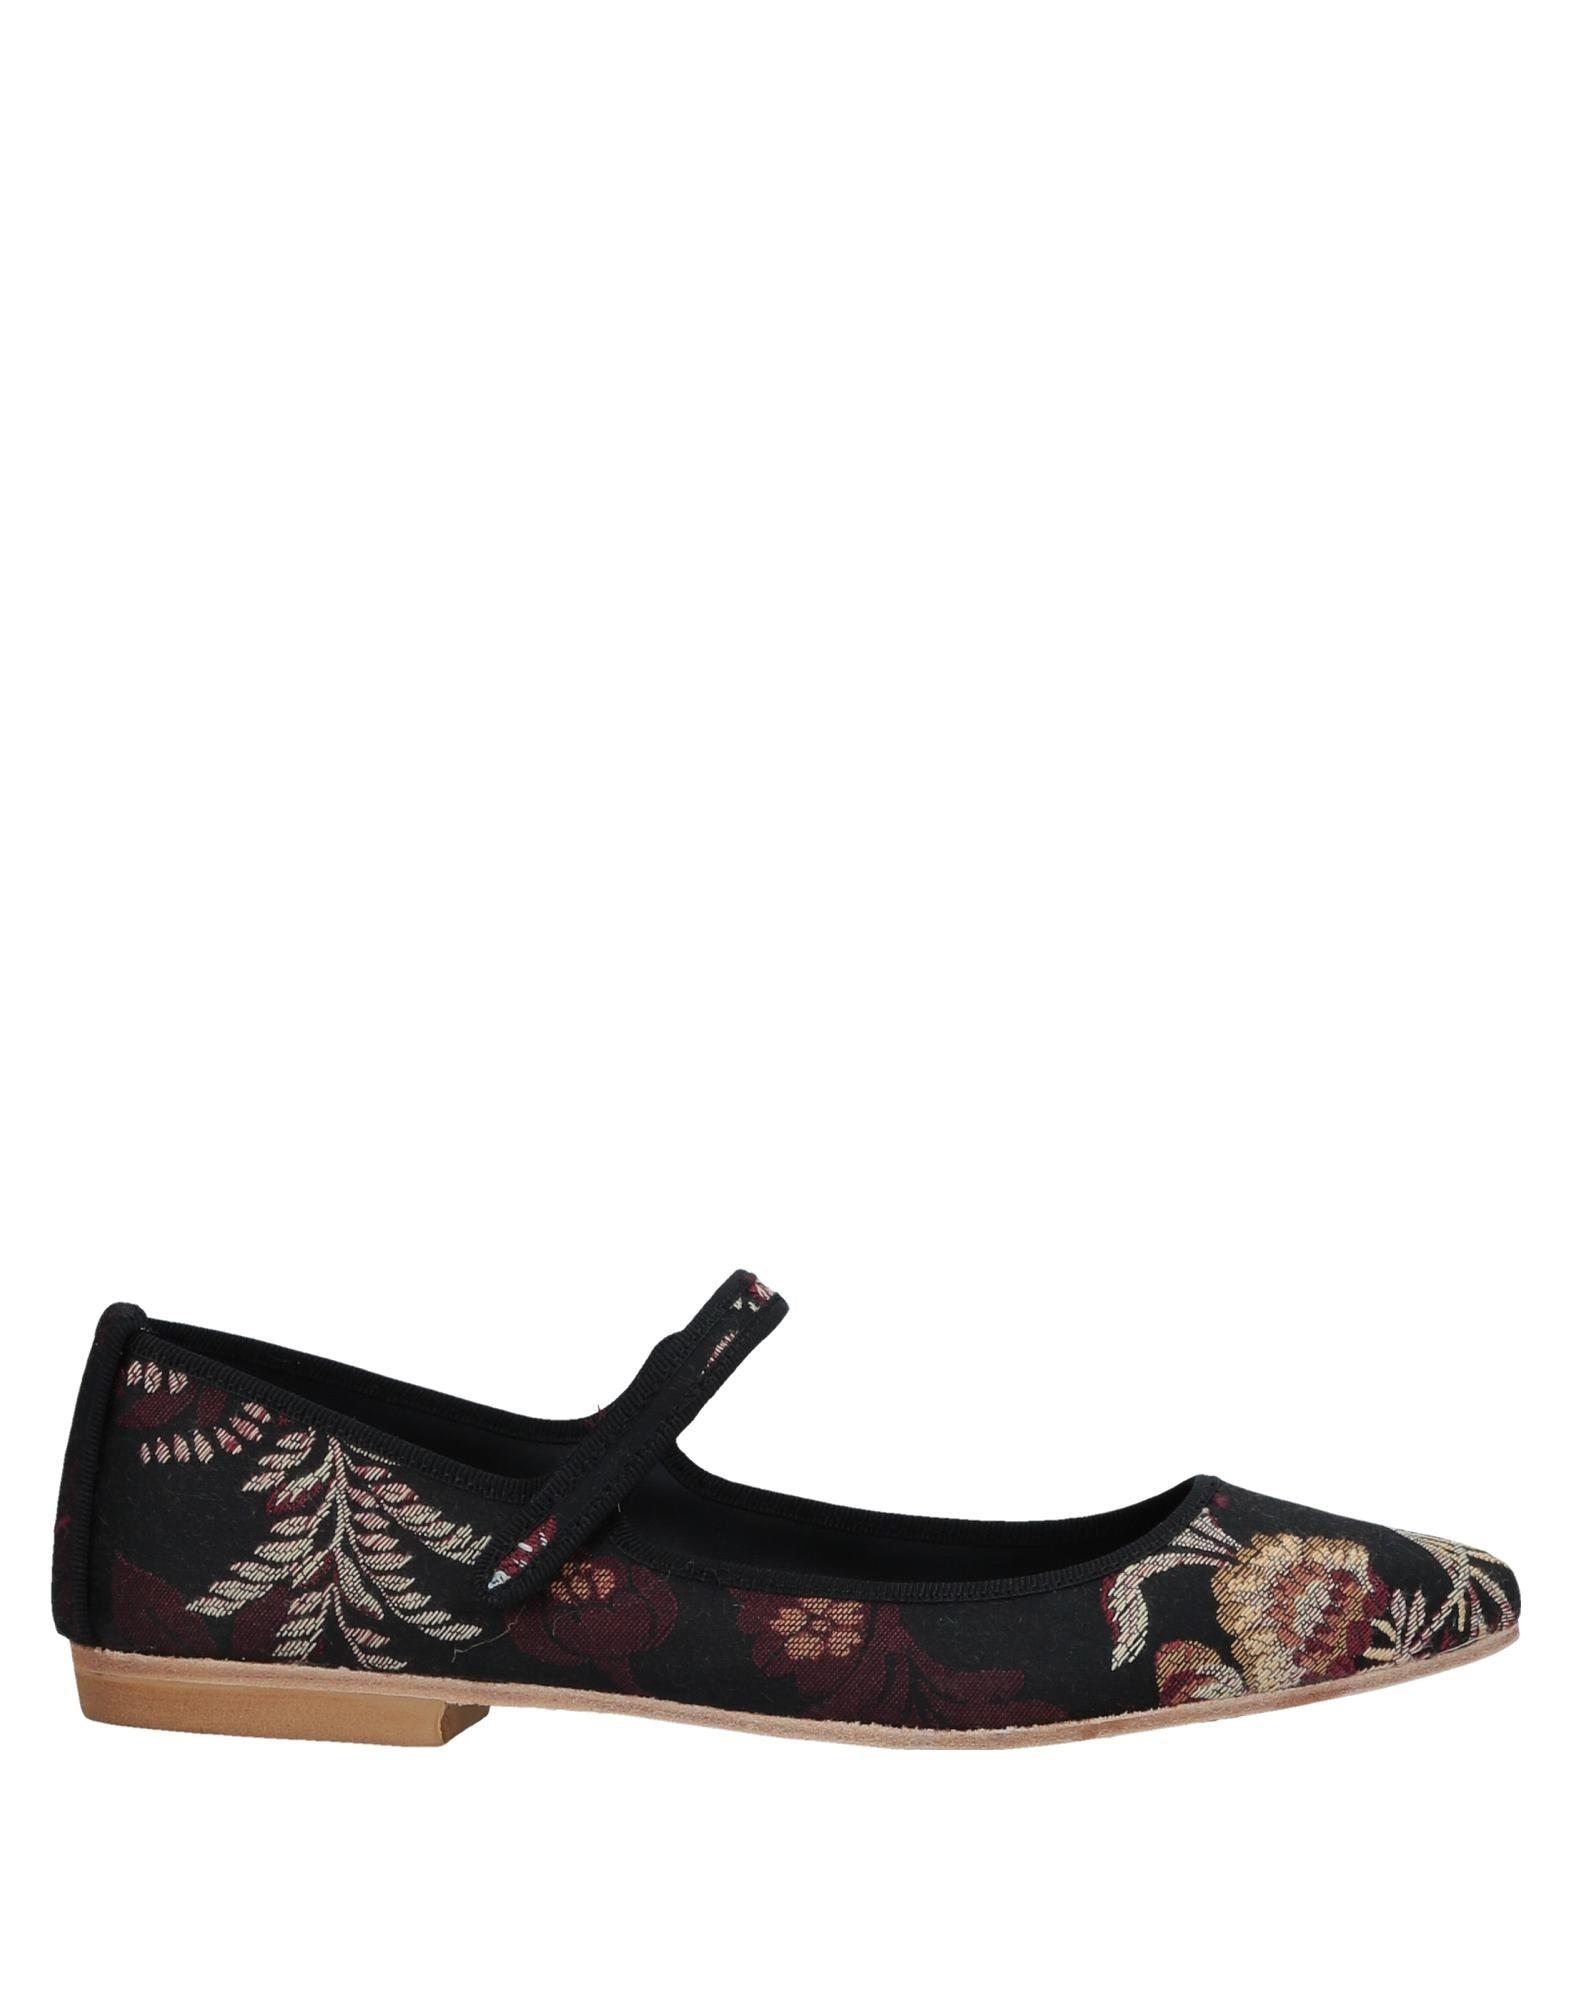 Gia Couture Ballerinas Damen  11522214WF Gute Qualität beliebte Schuhe